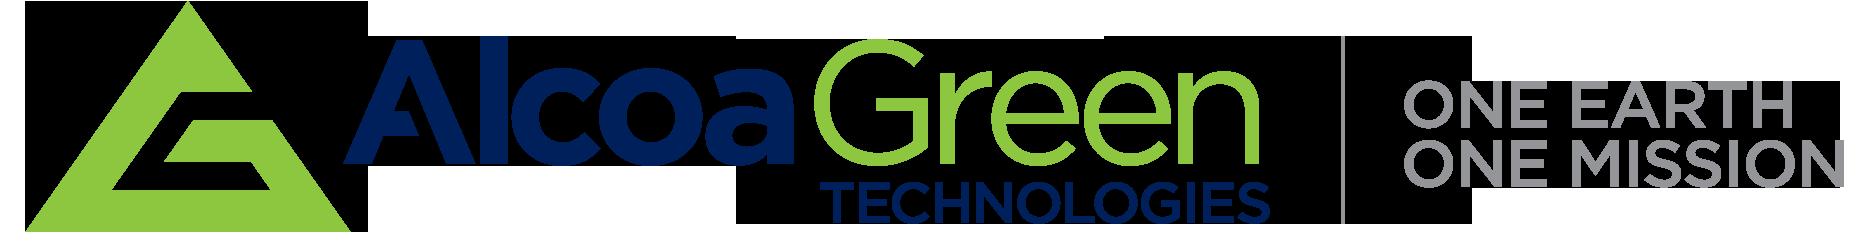 Alcoa Green Tech